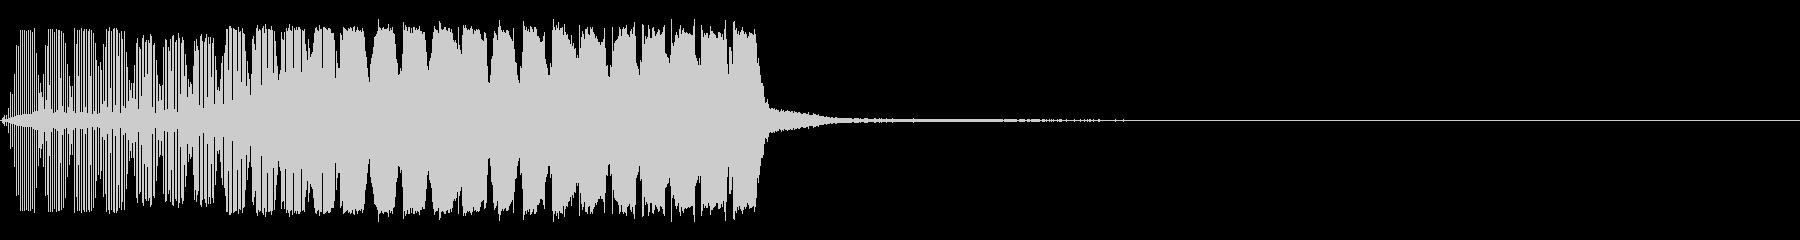 サックスの効果音4 建設中 工事中の未再生の波形